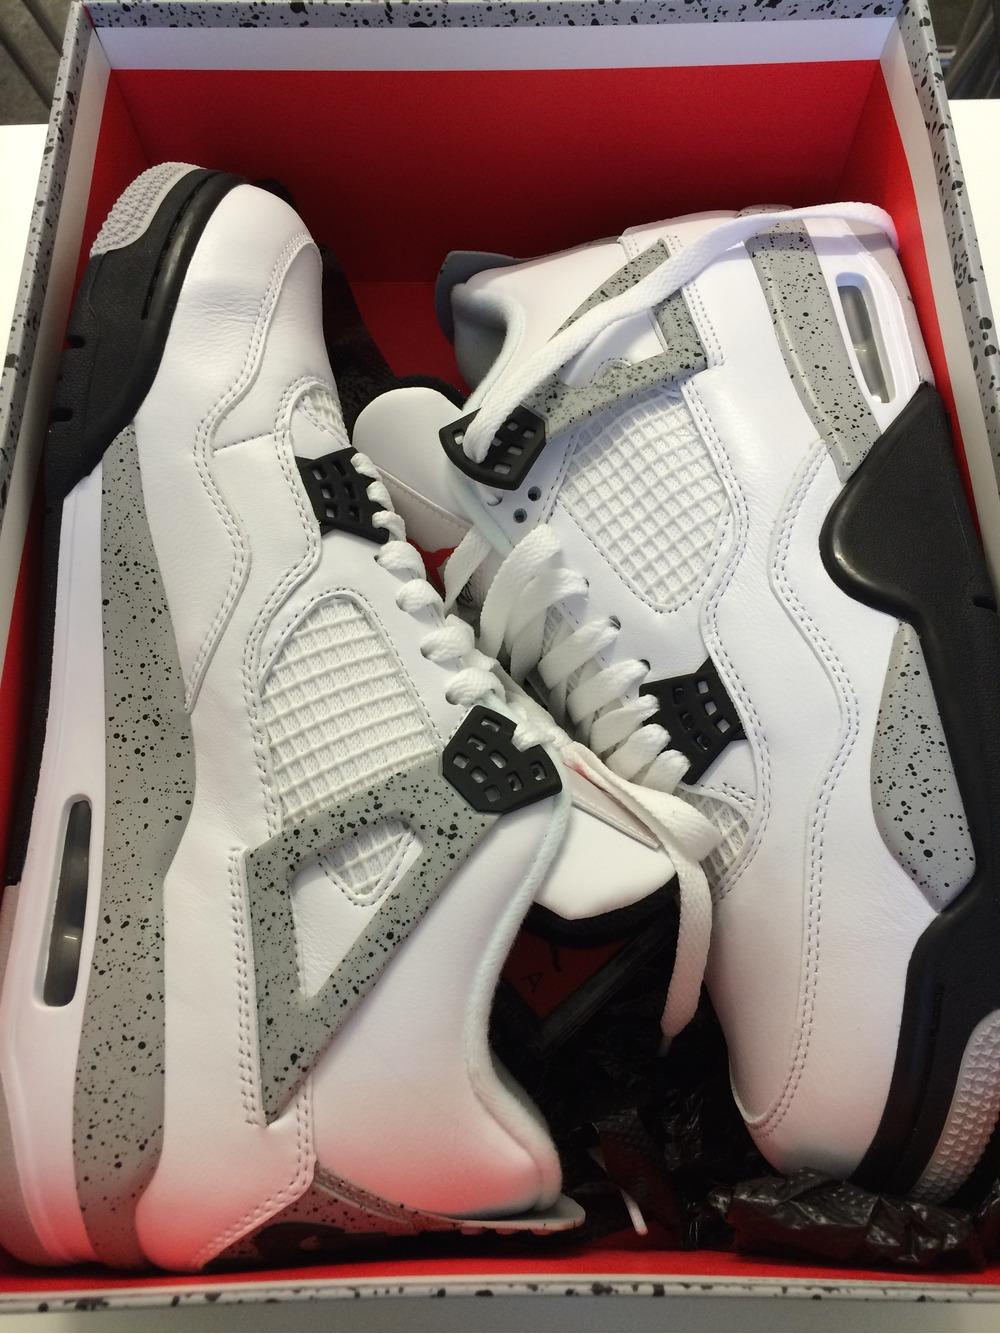 Nike Air Jordan 4 White Cement Us 10 - photo 1/3